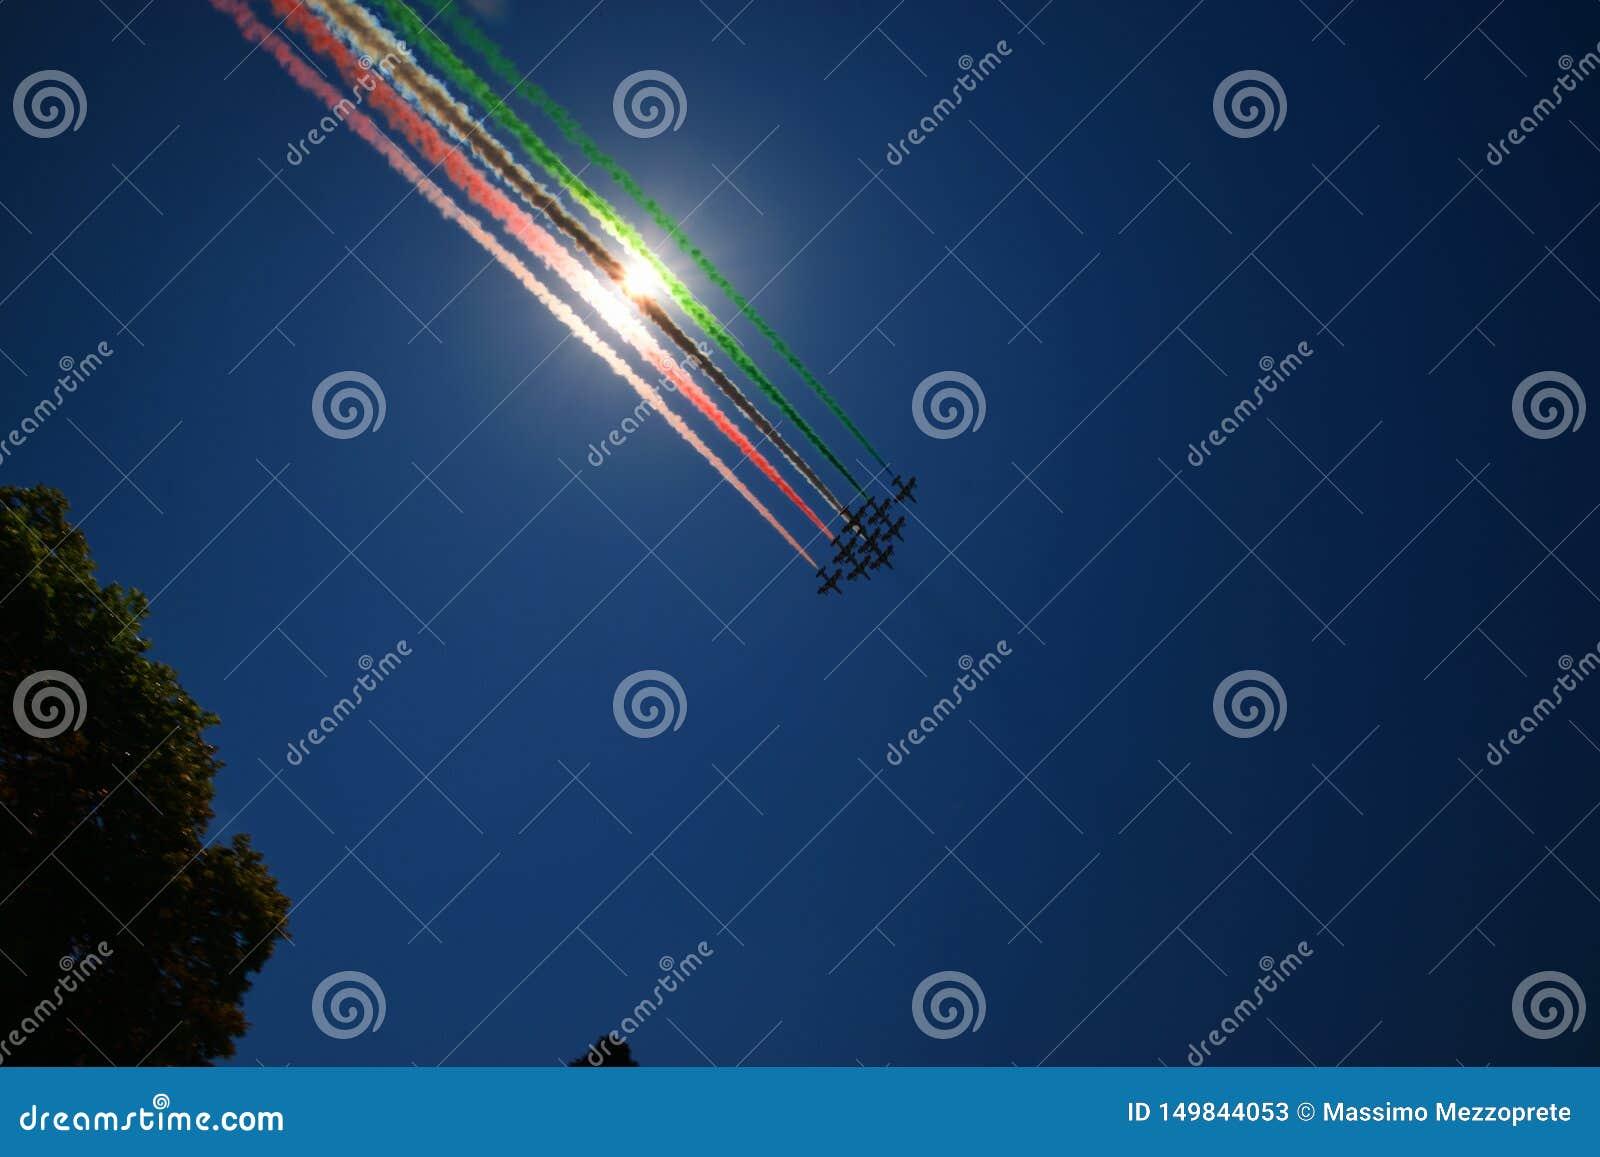 Frecce Tricolori włoszczyzny flagi ogon